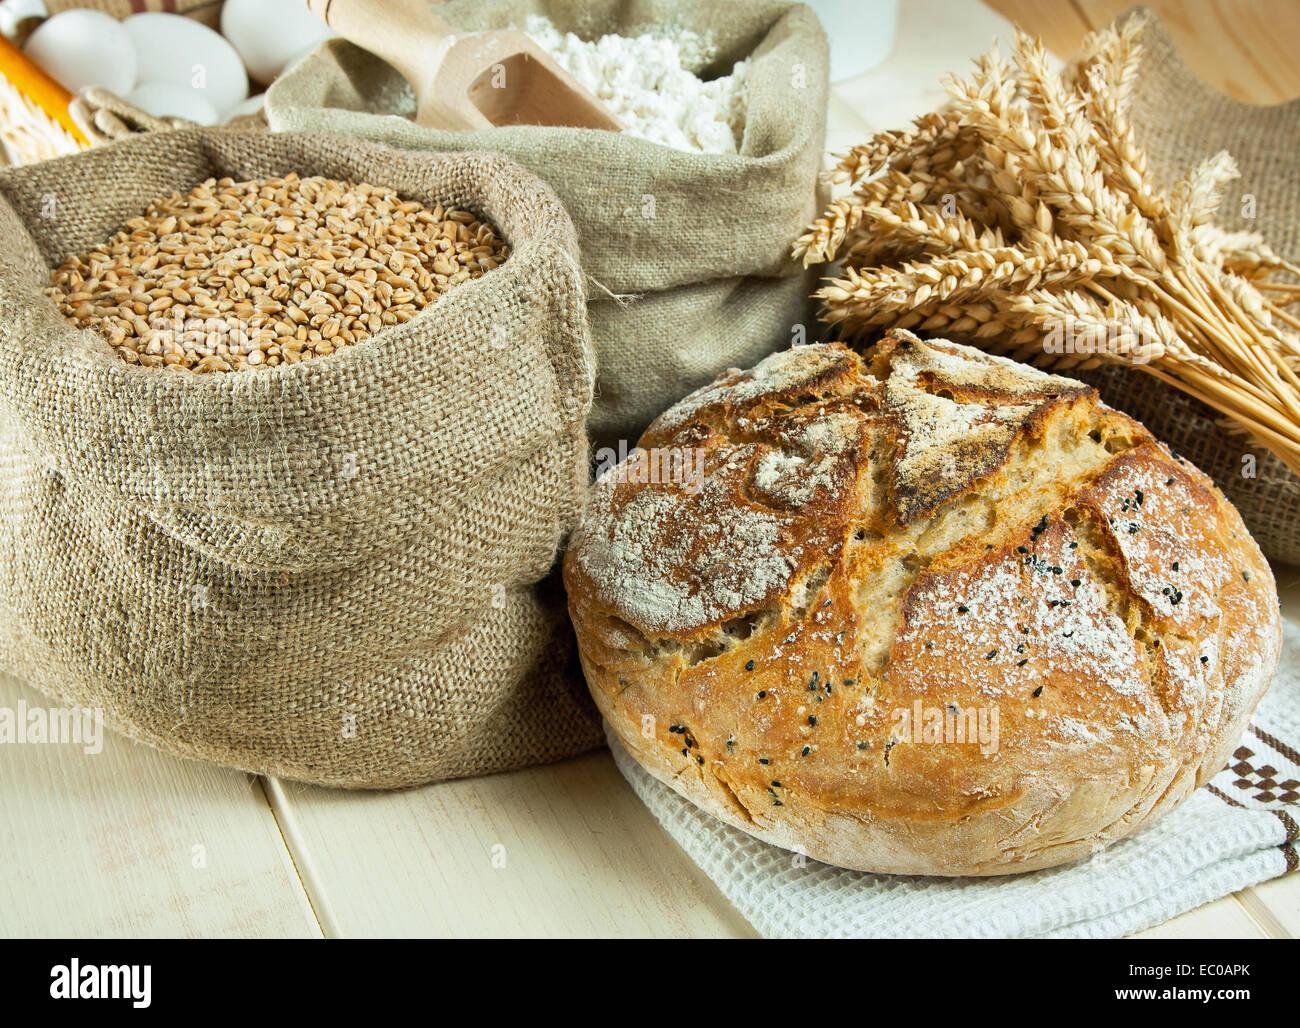 Pan casero y grano de trigo en la mesa Imagen De Stock